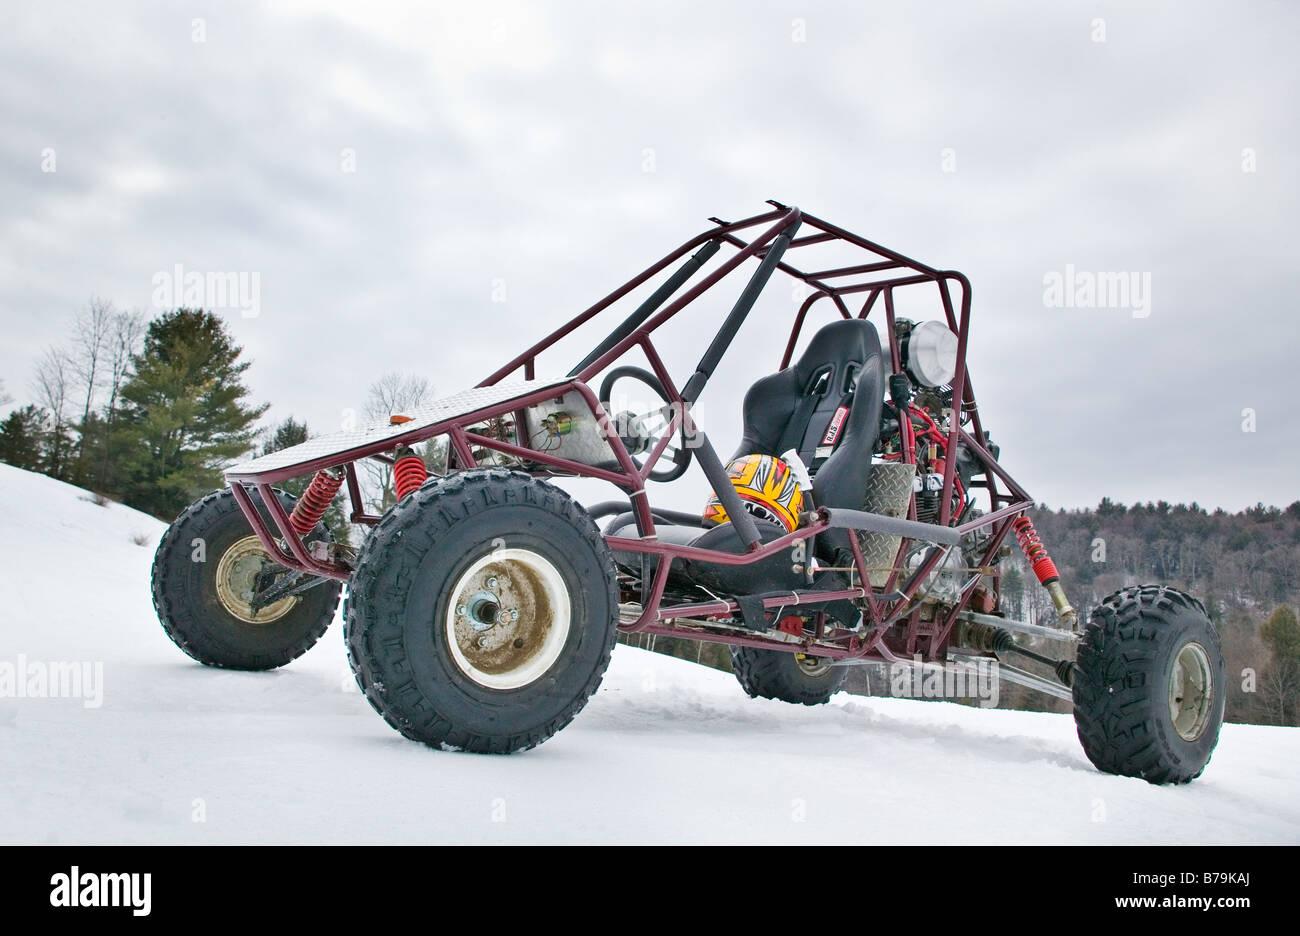 Eine off Road Buggy sitzt im Schnee bedeckt Feld. Stockbild